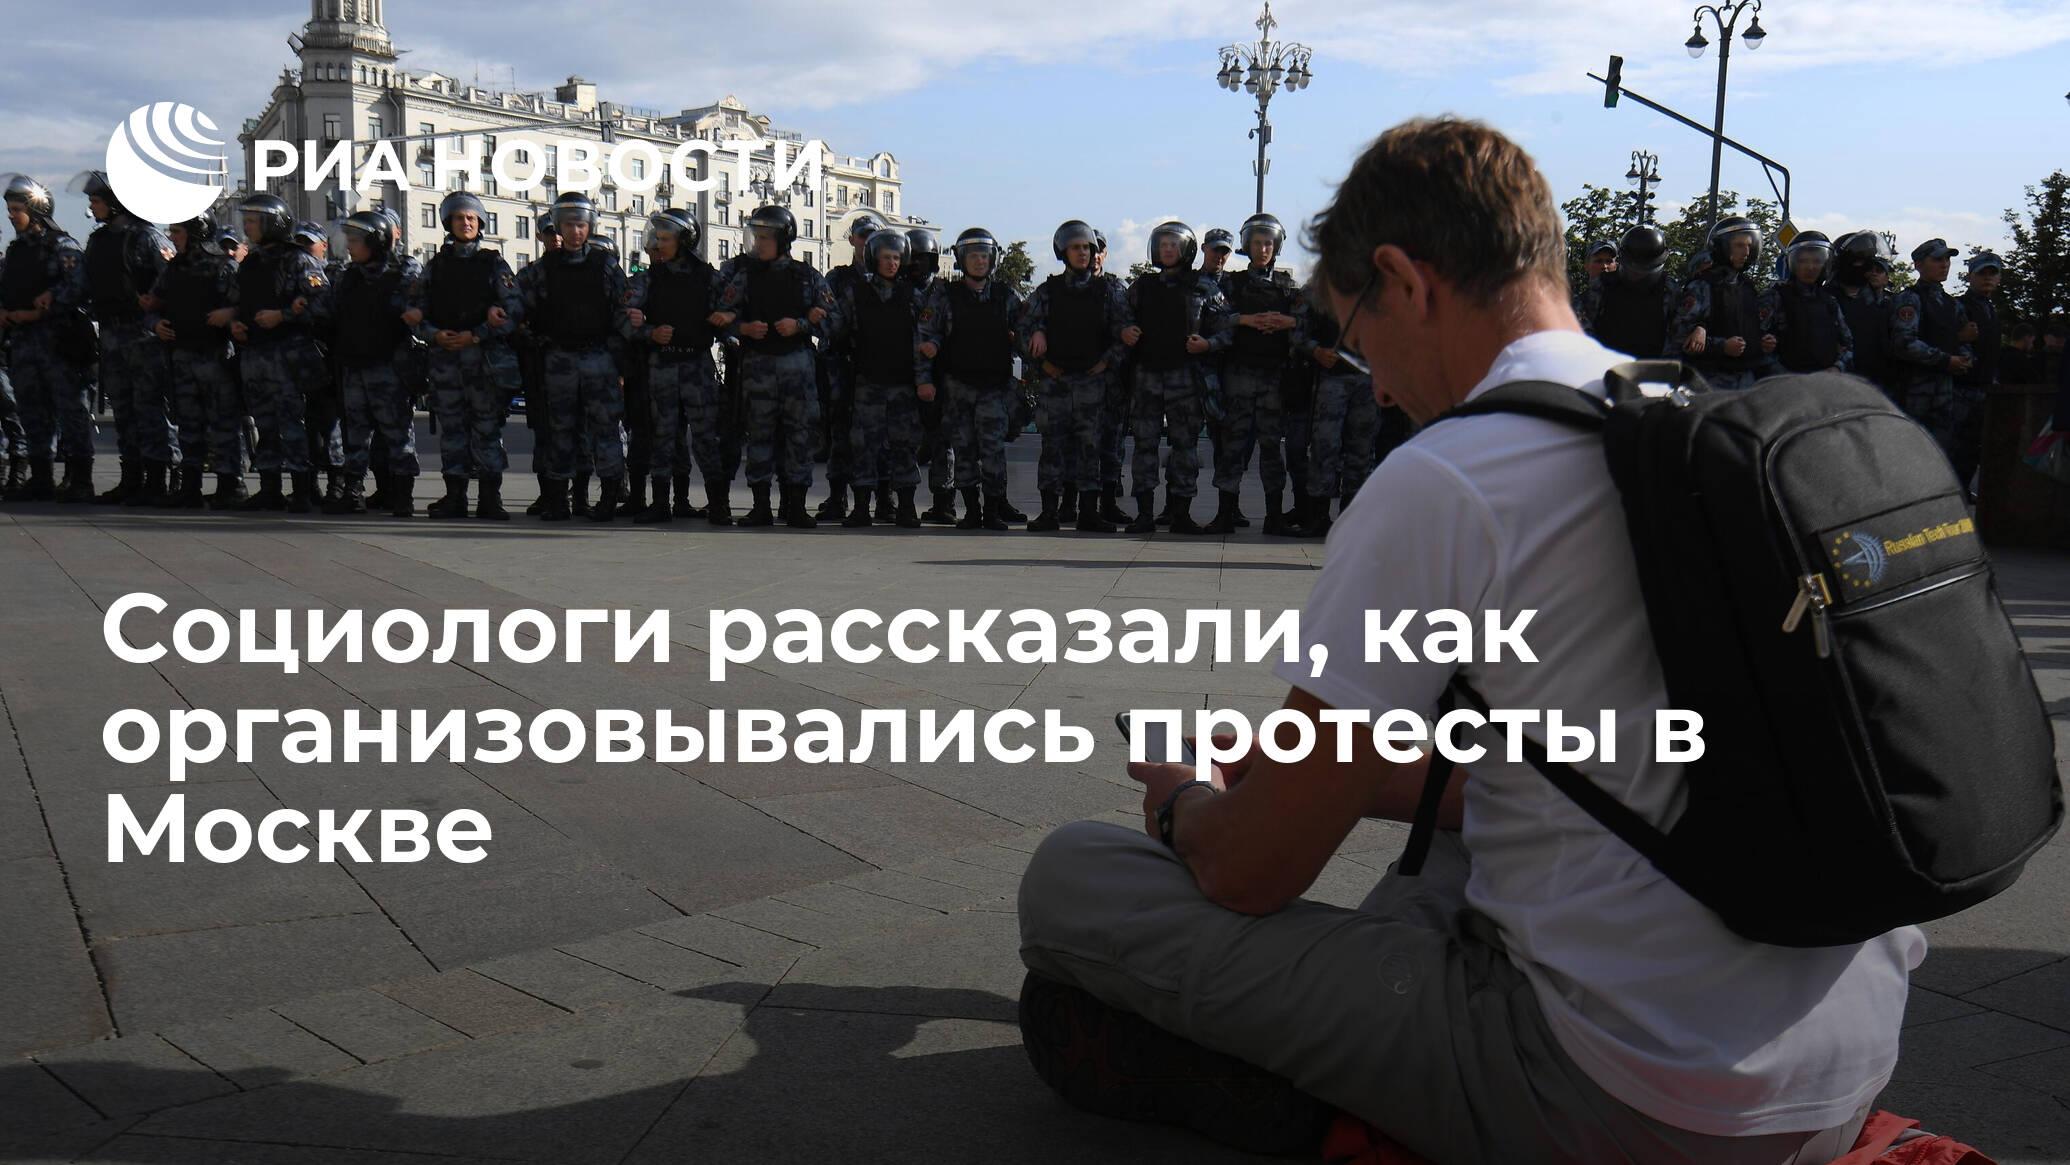 Социологи рассказали, как организовывались протесты в Москве